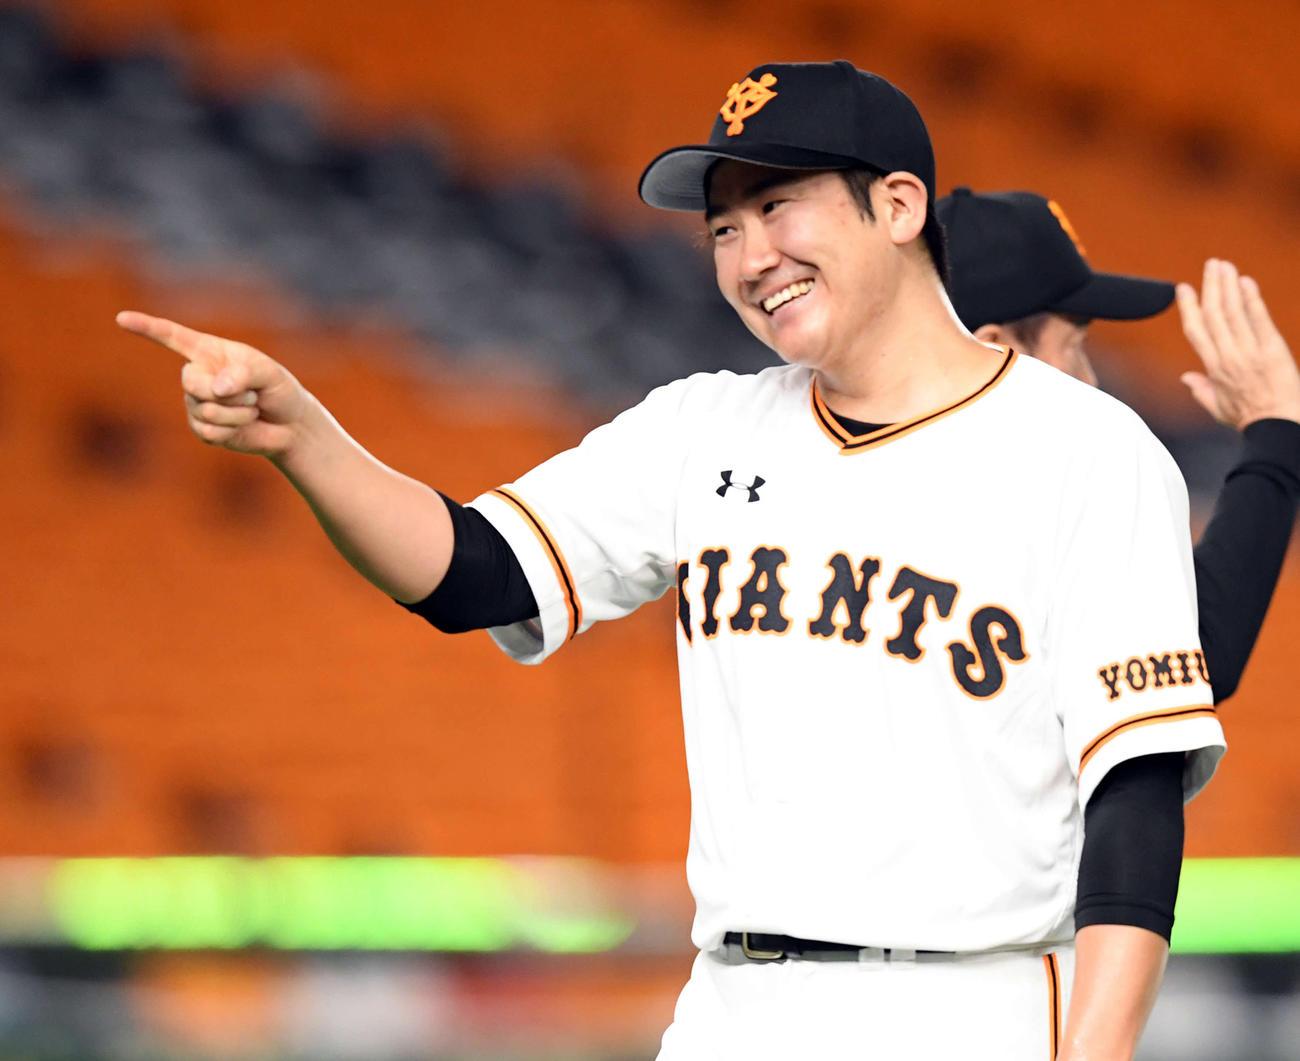 今季初完封勝利を飾った巨人菅野は、ナインの出迎えに笑顔で指をさす(撮影・たえ見朱実)